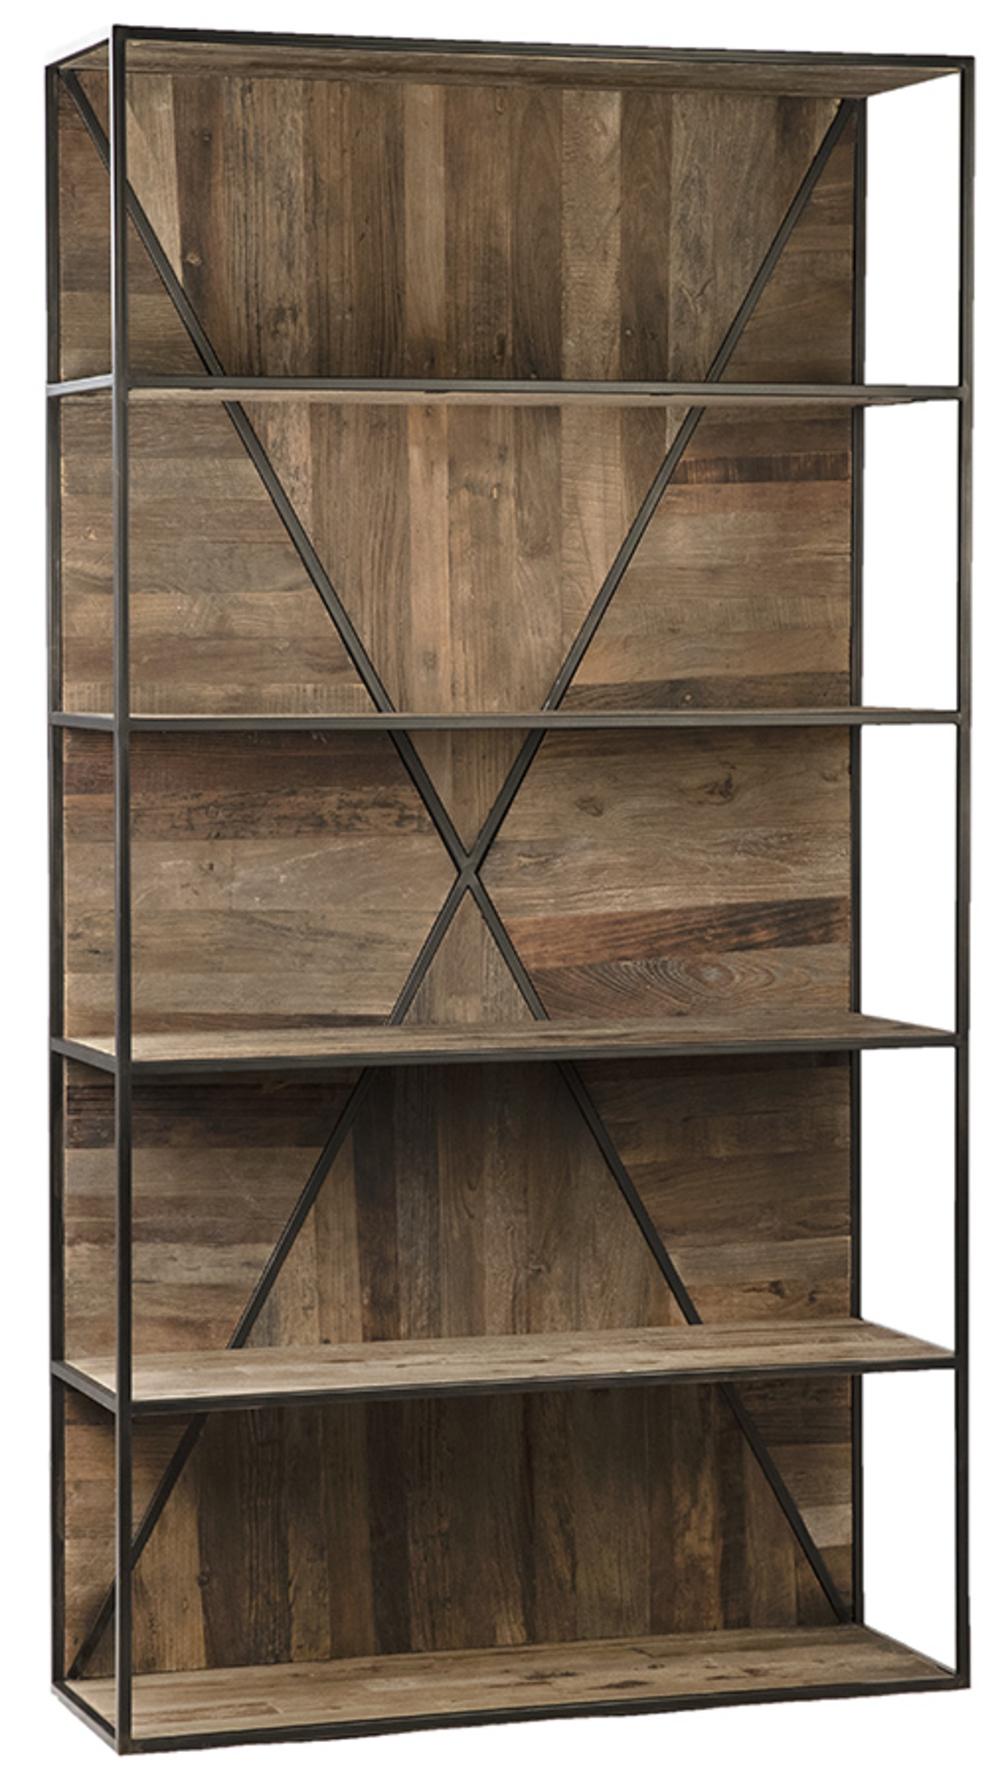 Dovetail Furniture - Braska Bookcase